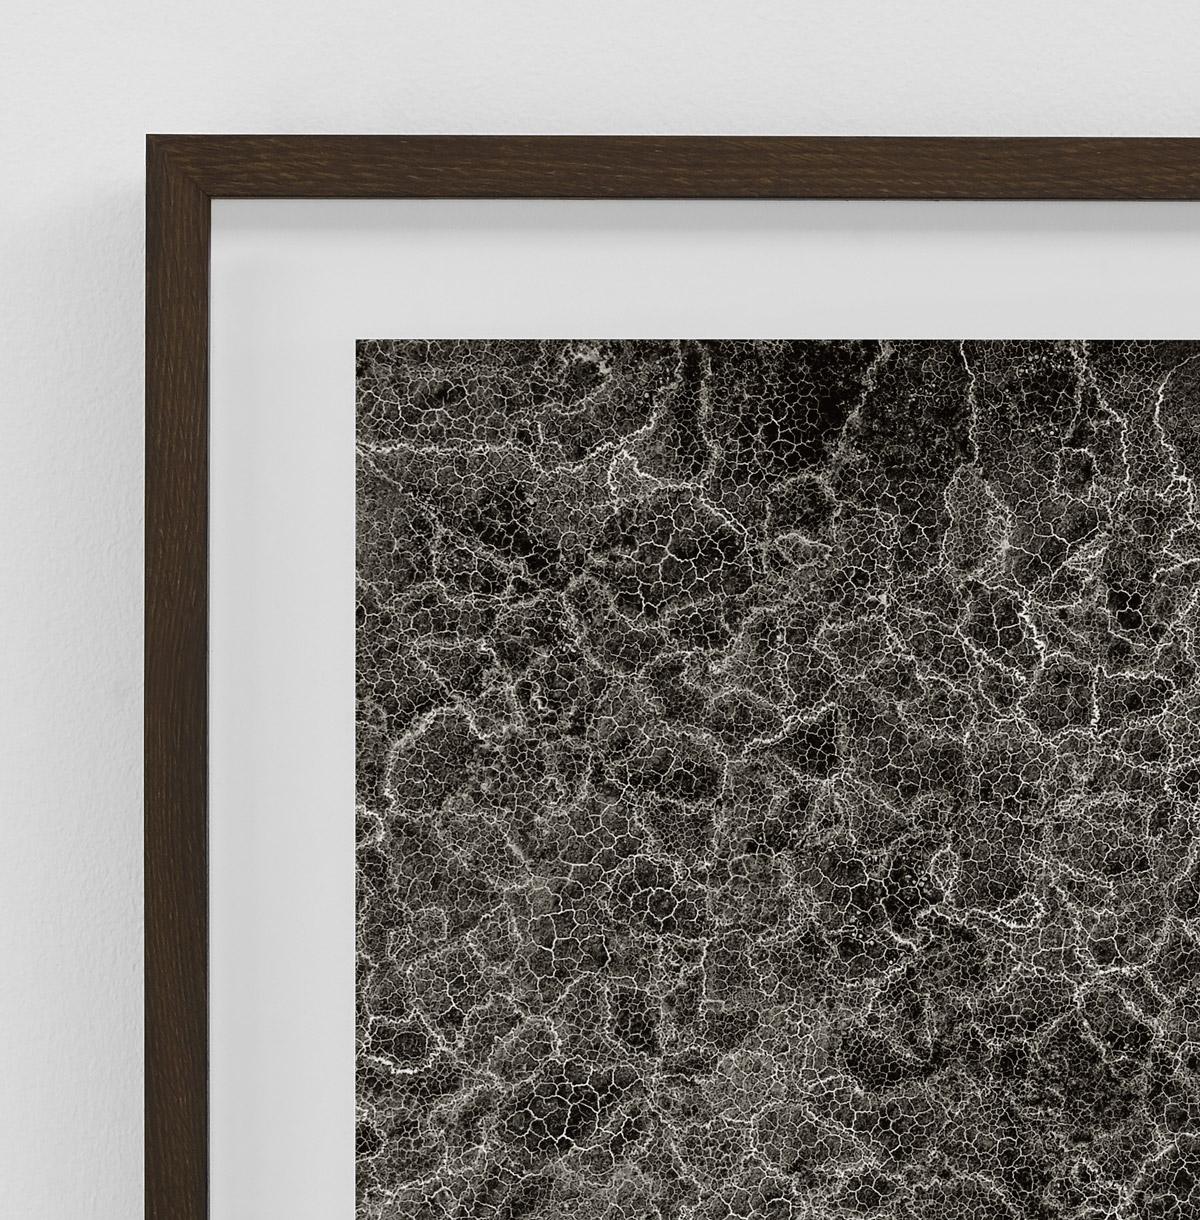 1. Installation view from my current exhibition in Copenhagen Denmark